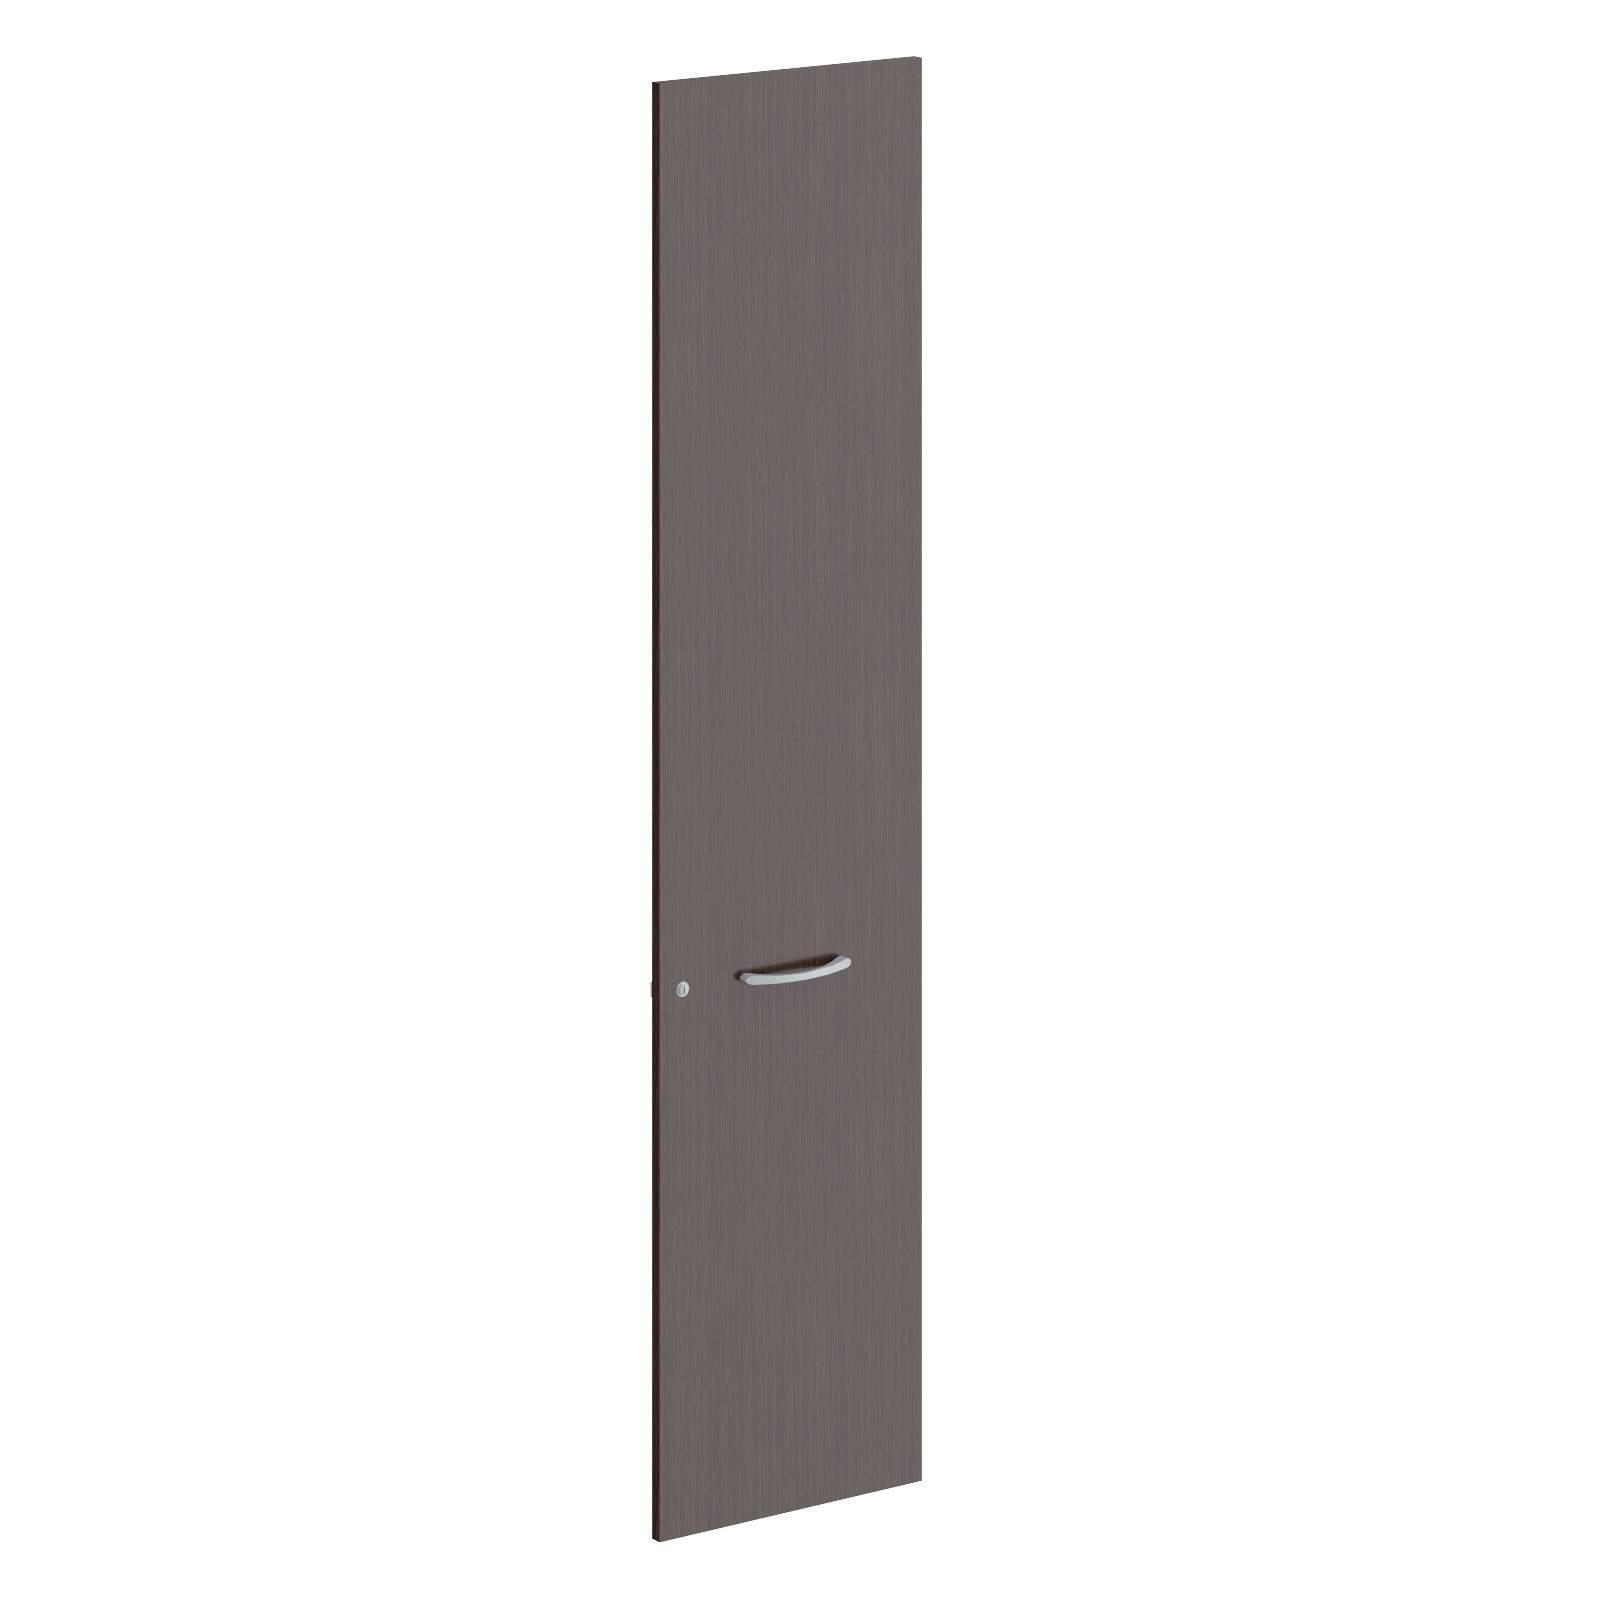 Двери шкафа низкие с замком 422x18x765